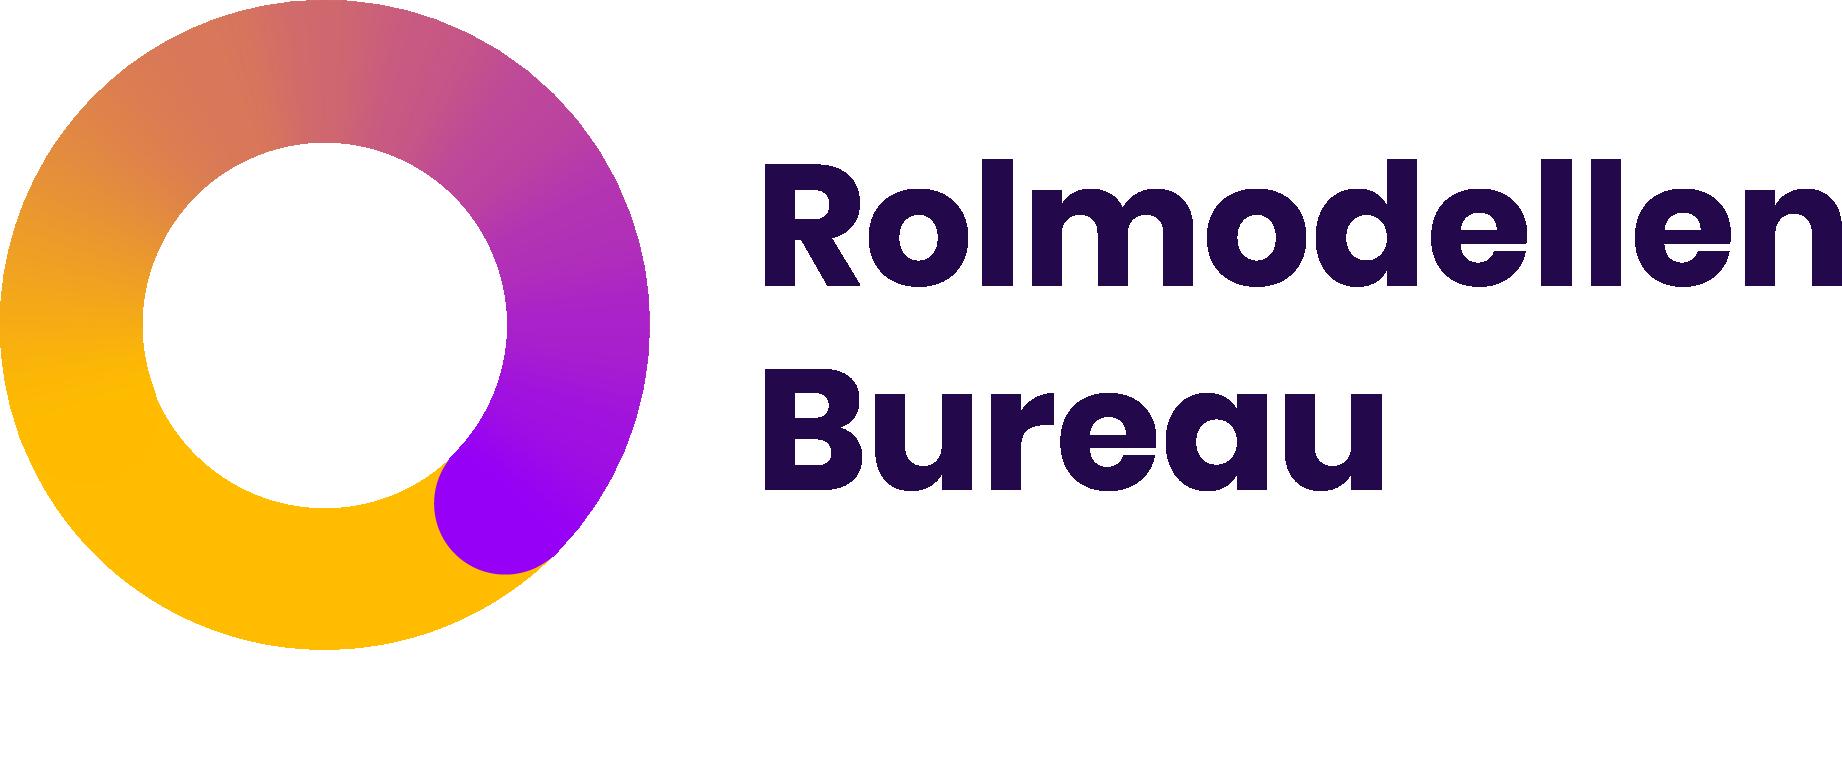 Rolmodellen Bureau